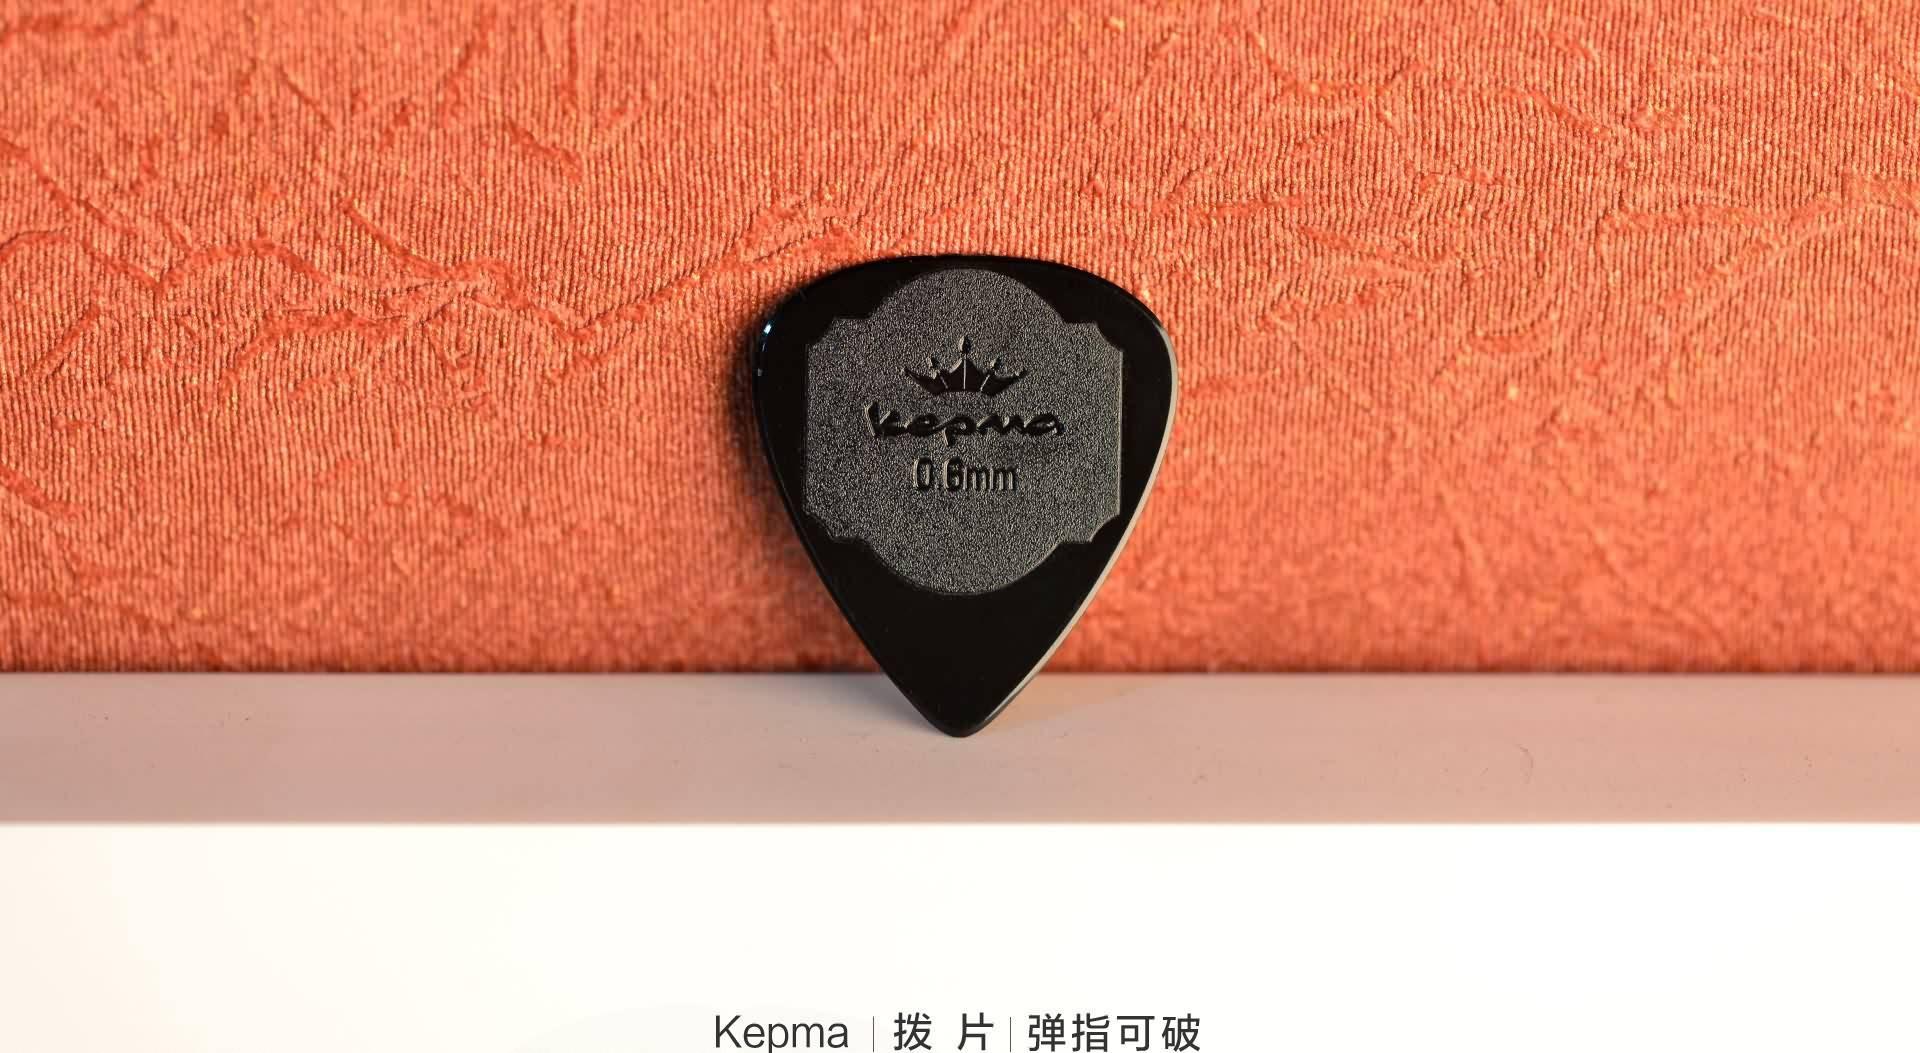 卡马 黑色拨片 0.6mm